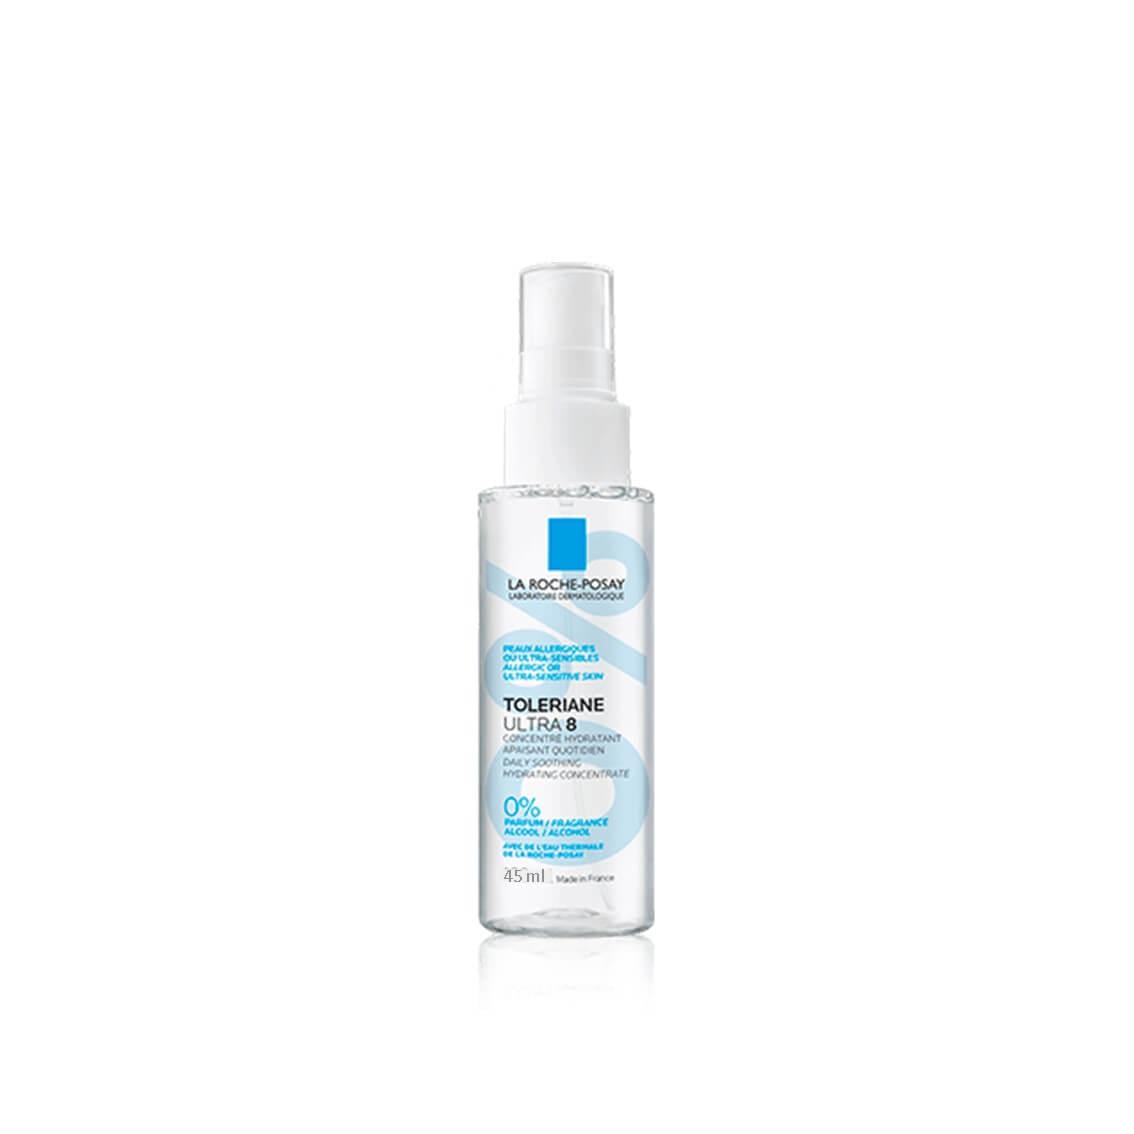 Toleriane Ultra 8 hidratante calmante 45 ml